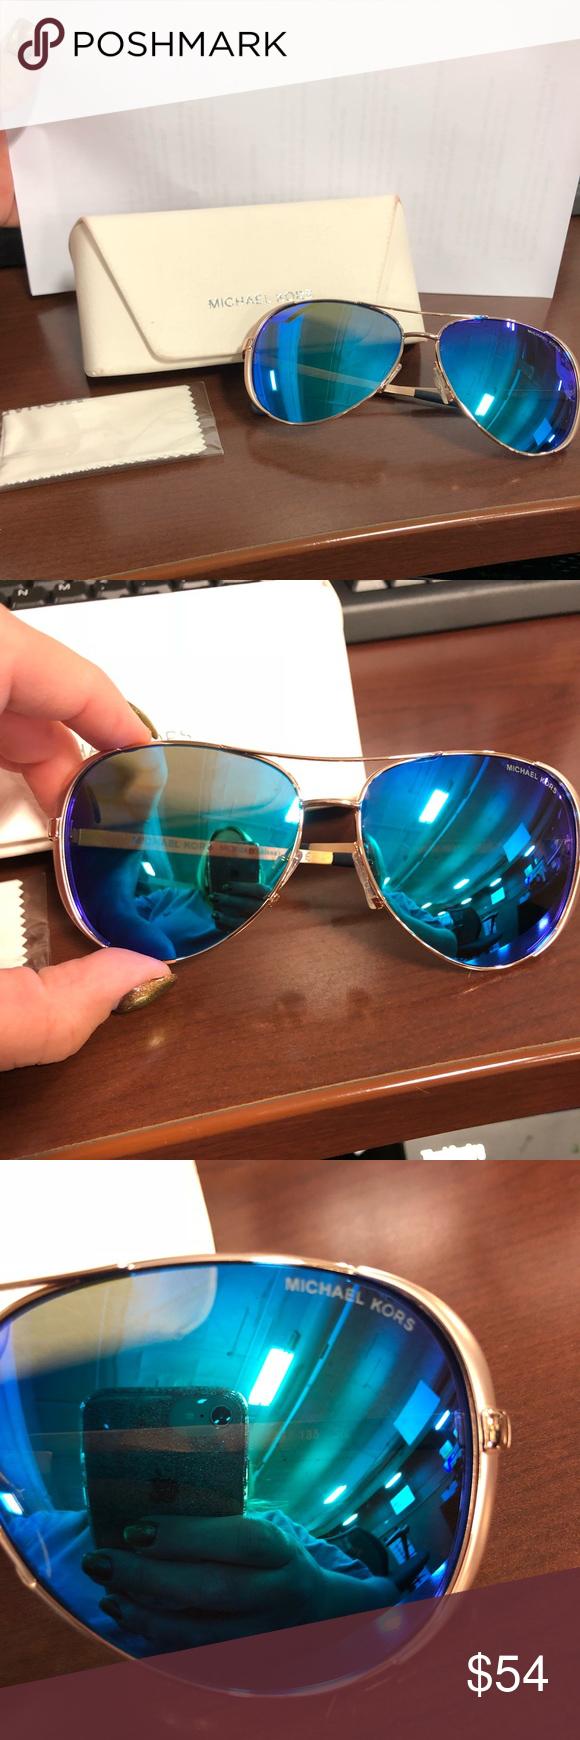 e97201ea8 100% AUTHENTIC Michael Kors Chelsea Sunglasses 100% AUTHENTIC MICHAEL KORS  MK5004 CHELSEA SUNGLASSES Frame